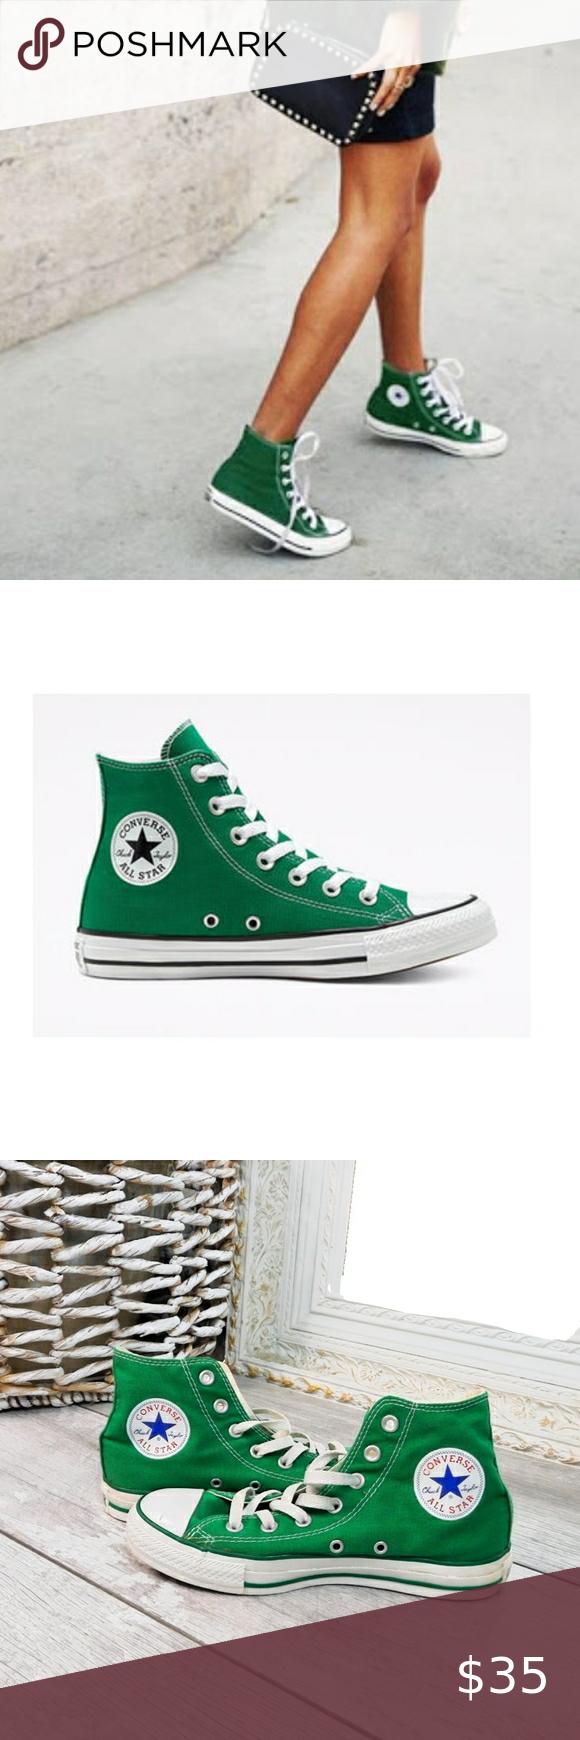 CONVERSE WMN 7 GREEN ALL STAR HI TOP